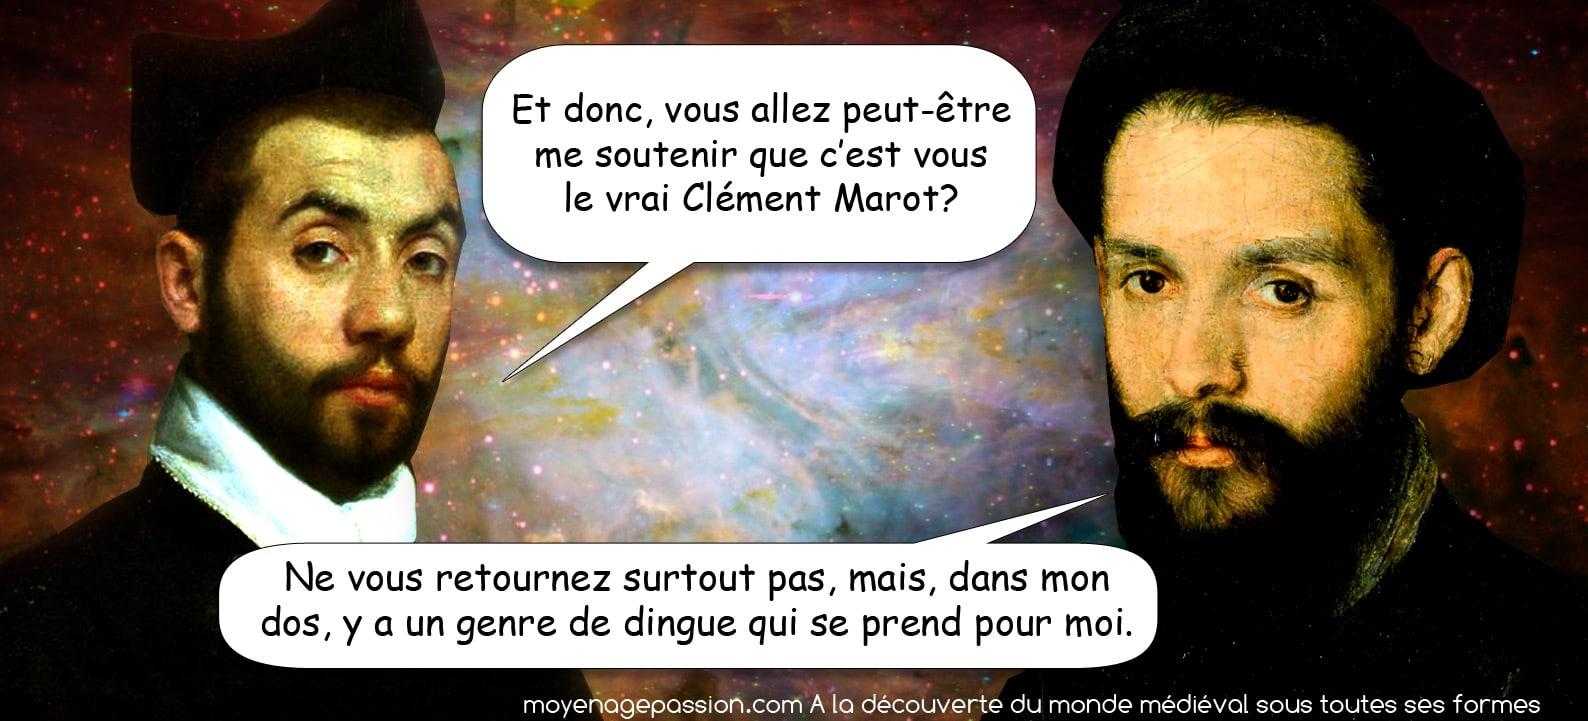 clement_marot_portrait_humour_monde_medieval